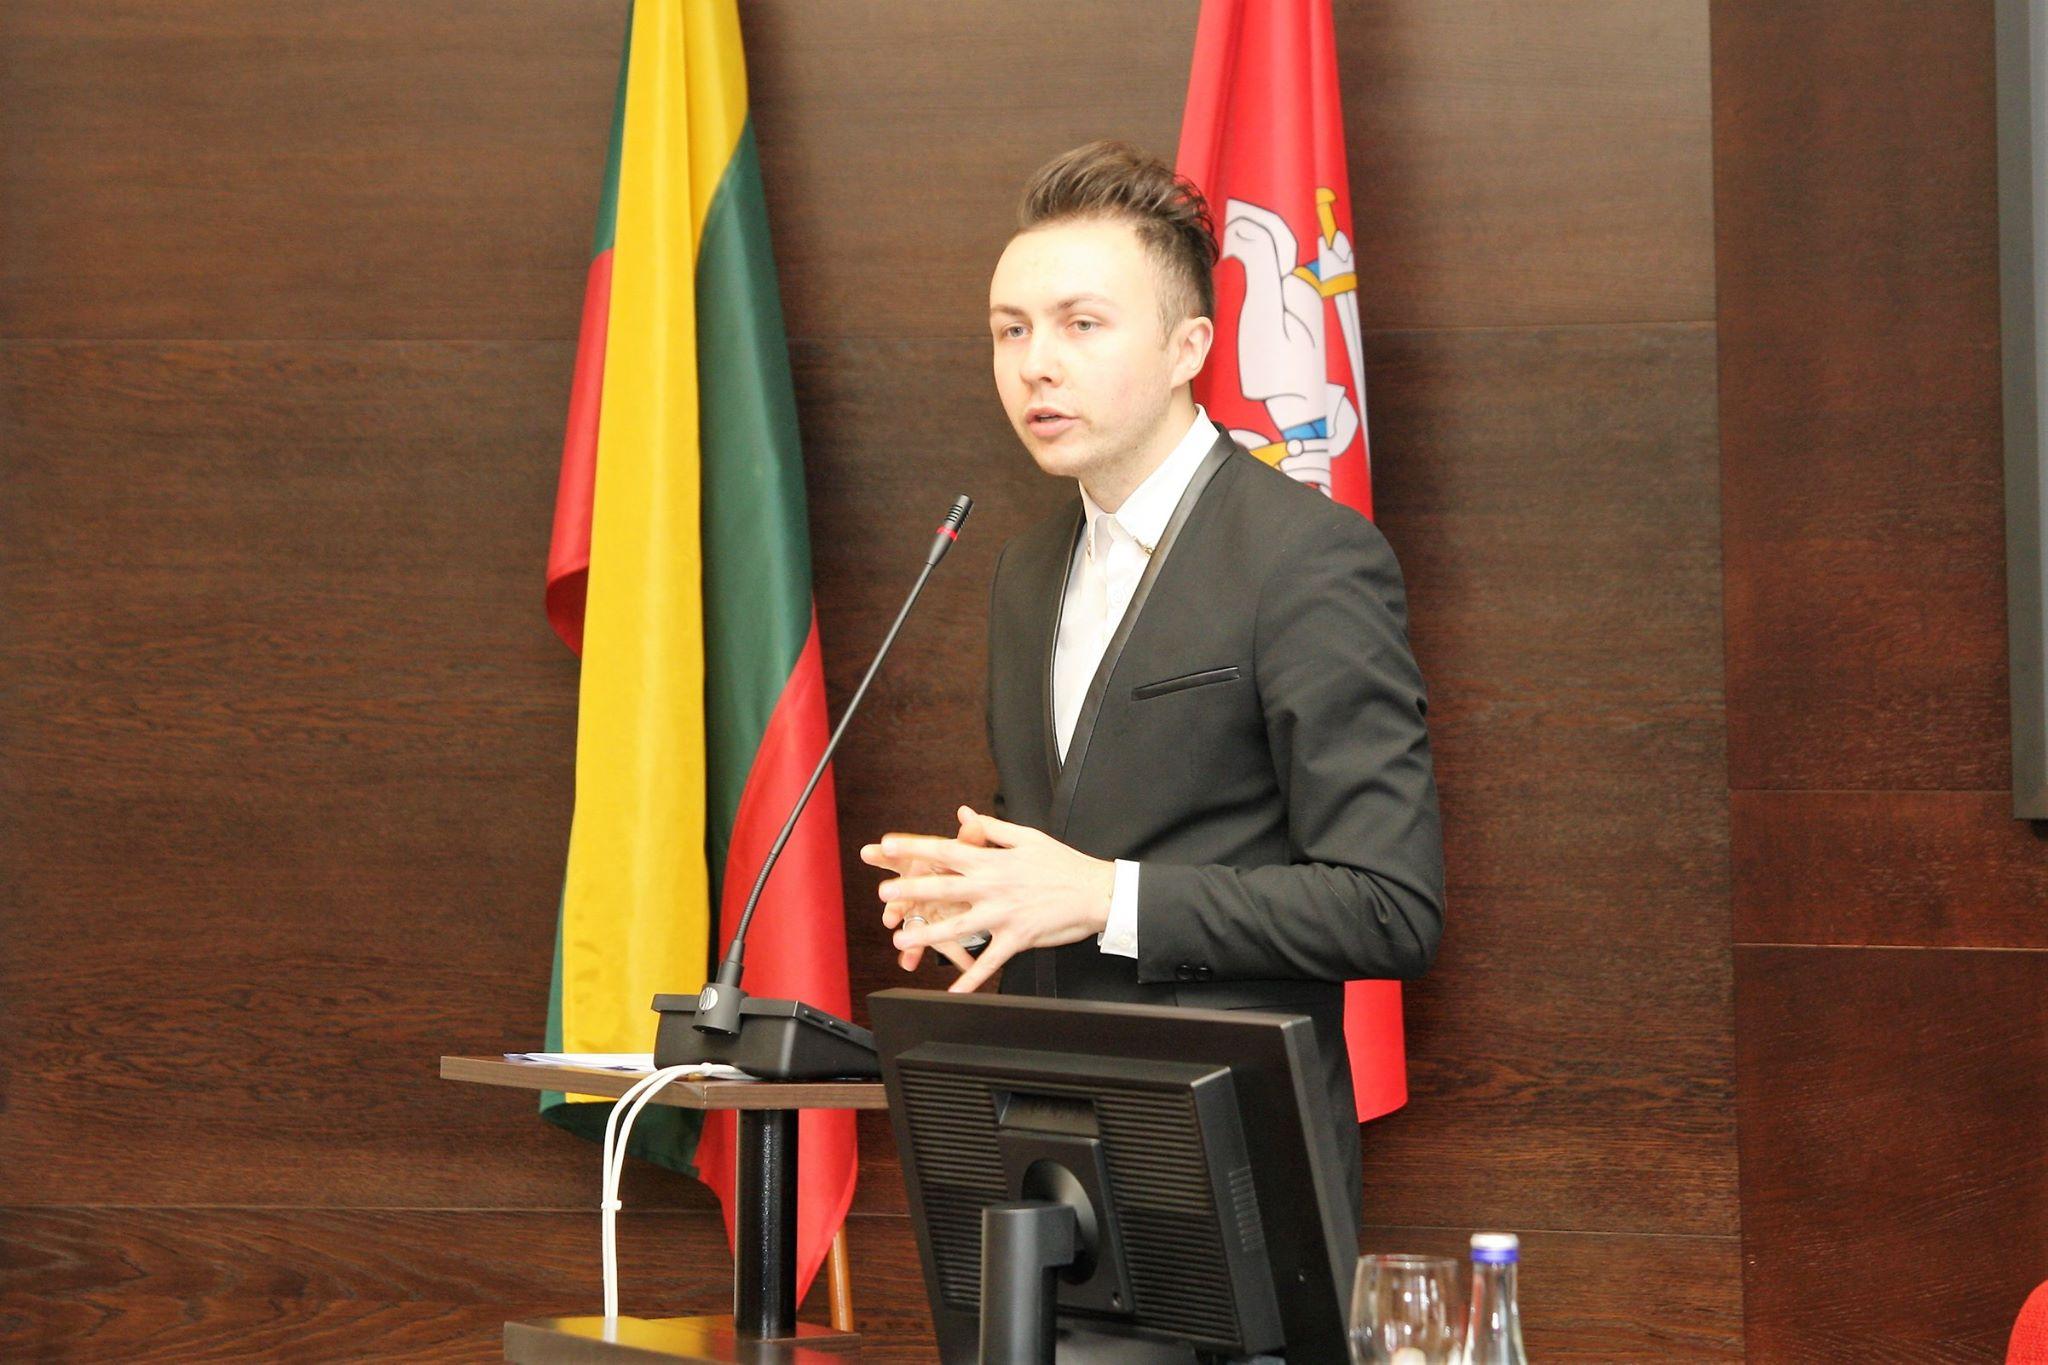 Ką reiškia būti teisininku ir vykdyti teisinio švietimo projektą Lietuvoje